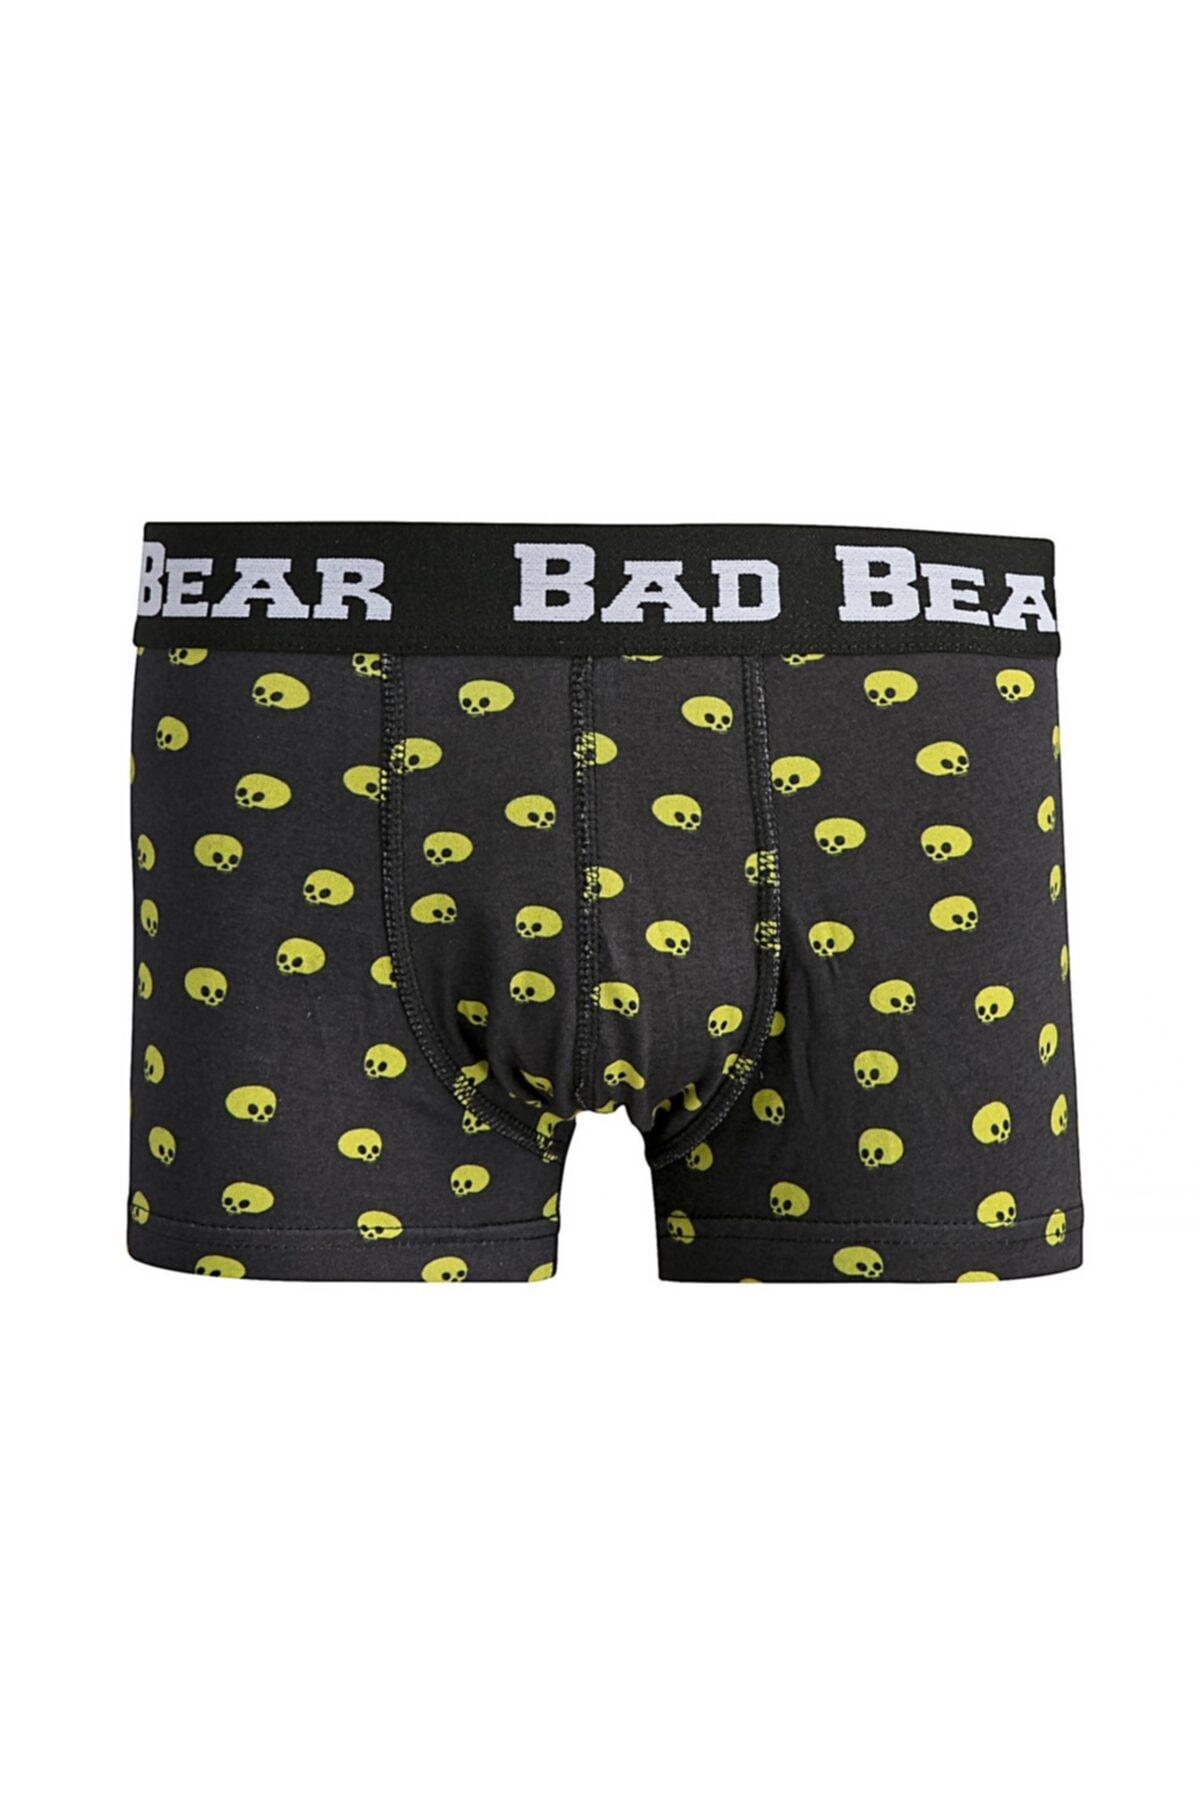 Bad Bear Erkek Boxer Baskılı 18.01.03.012 1